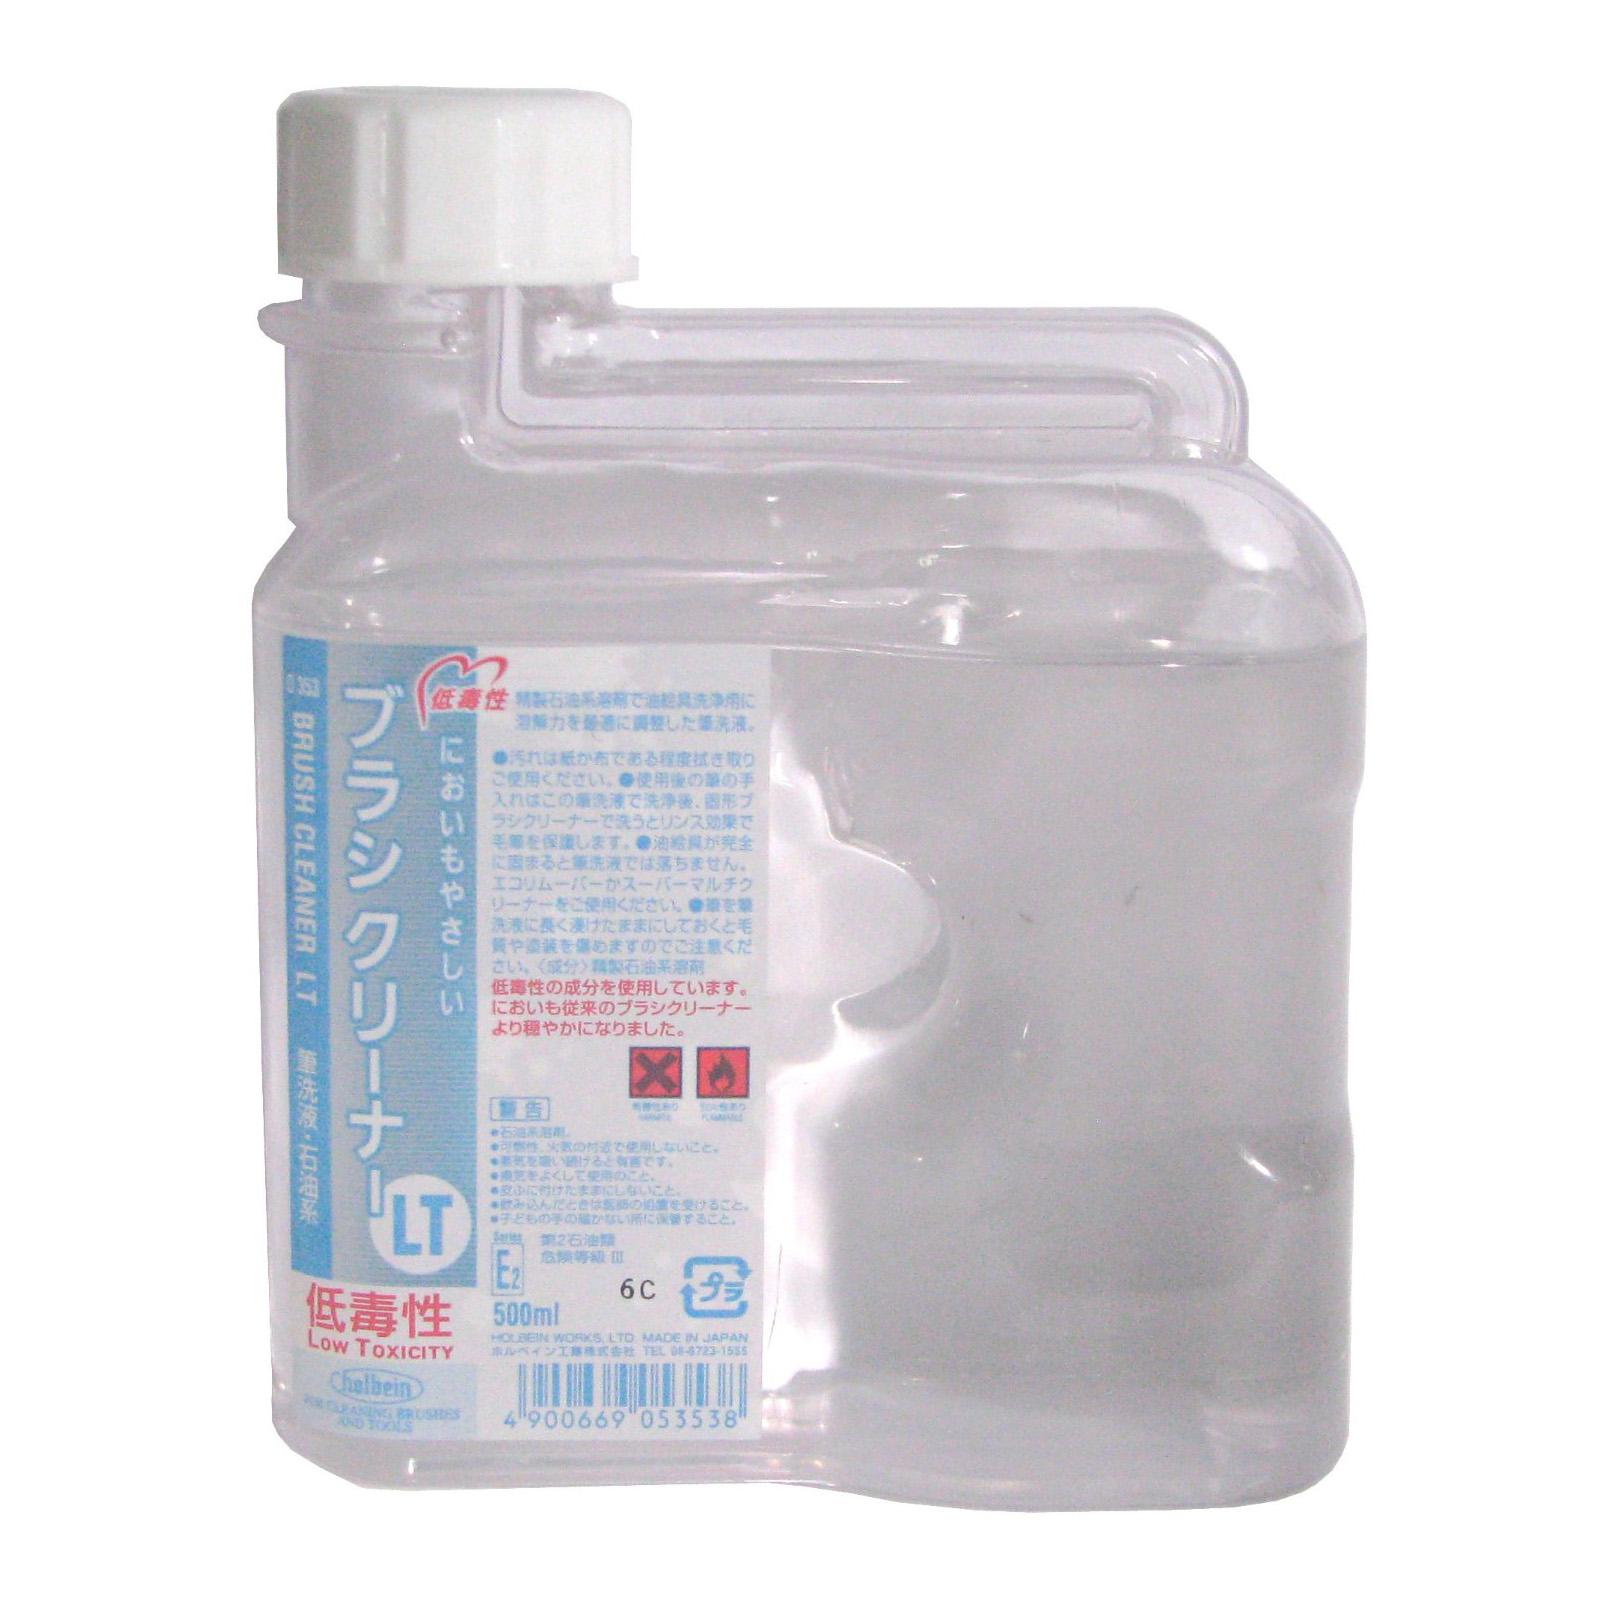 ホルベイン ブラシクリーナーLT 500ml O353【HTRC 3】